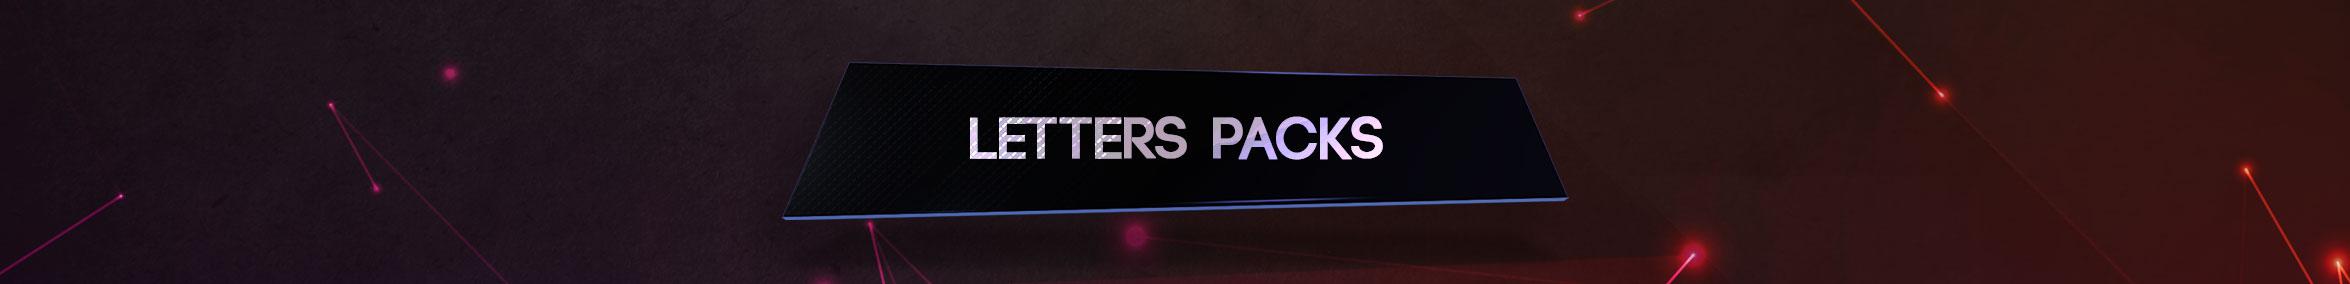 Letters Packs